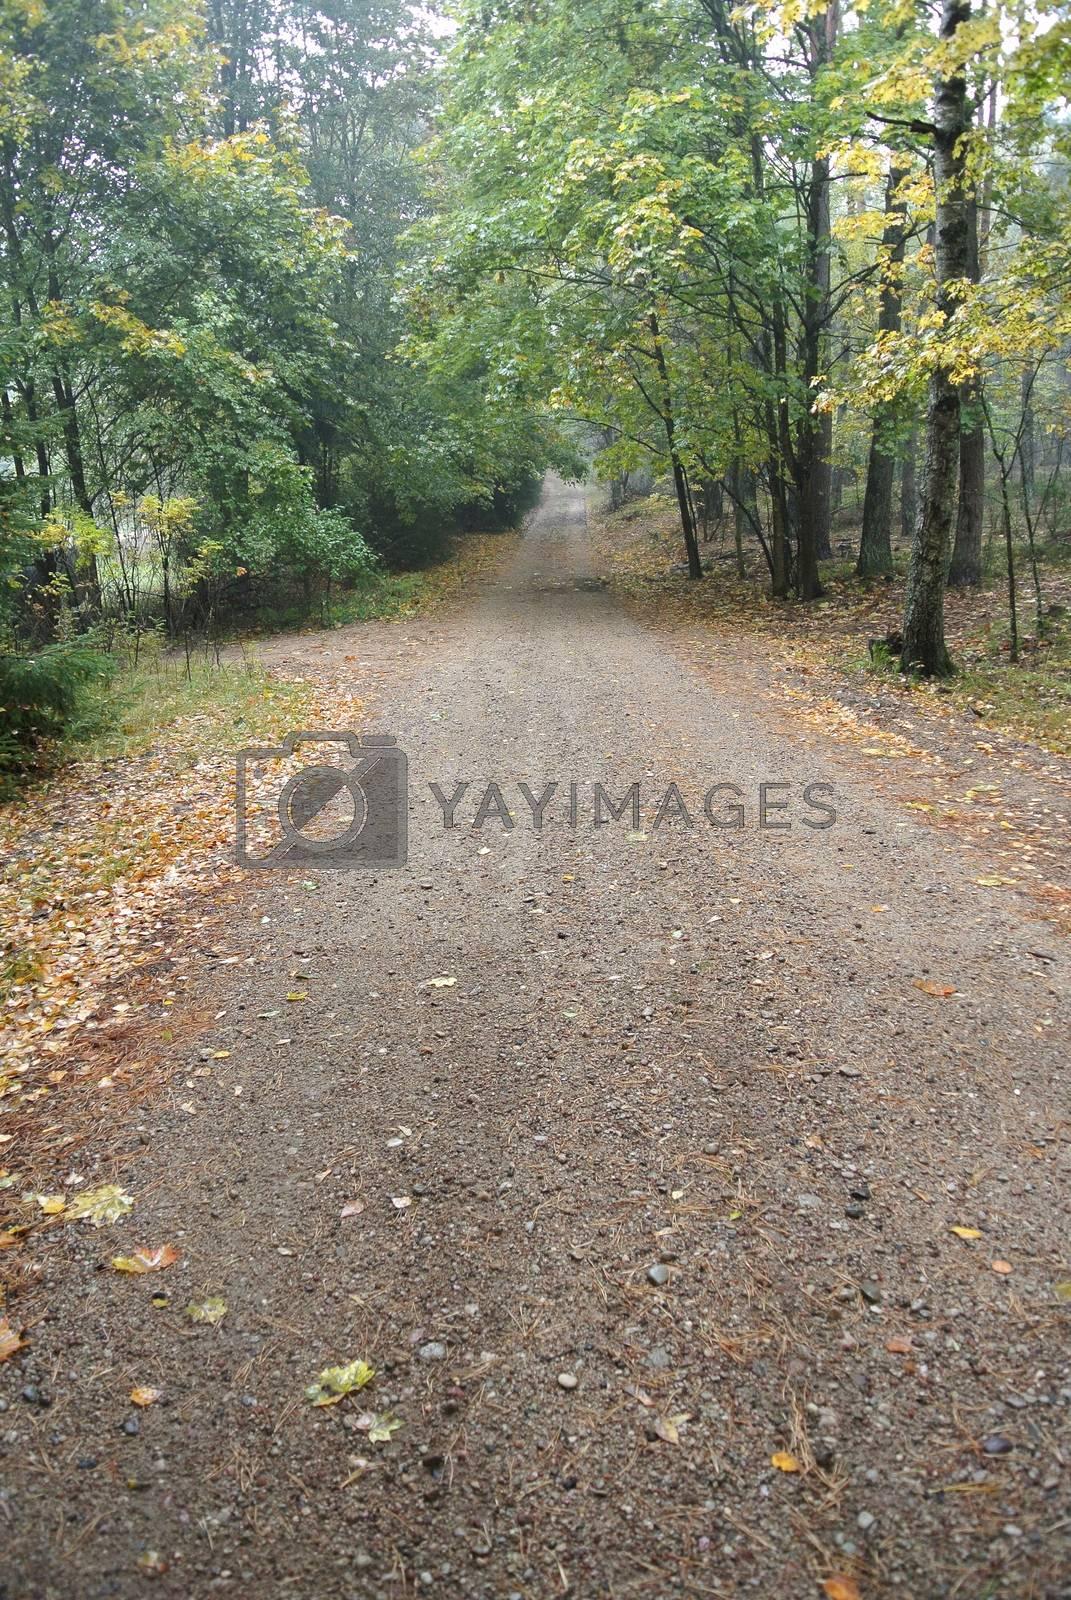 Autumn forest road by info@krzysztofpiotrowicz.com